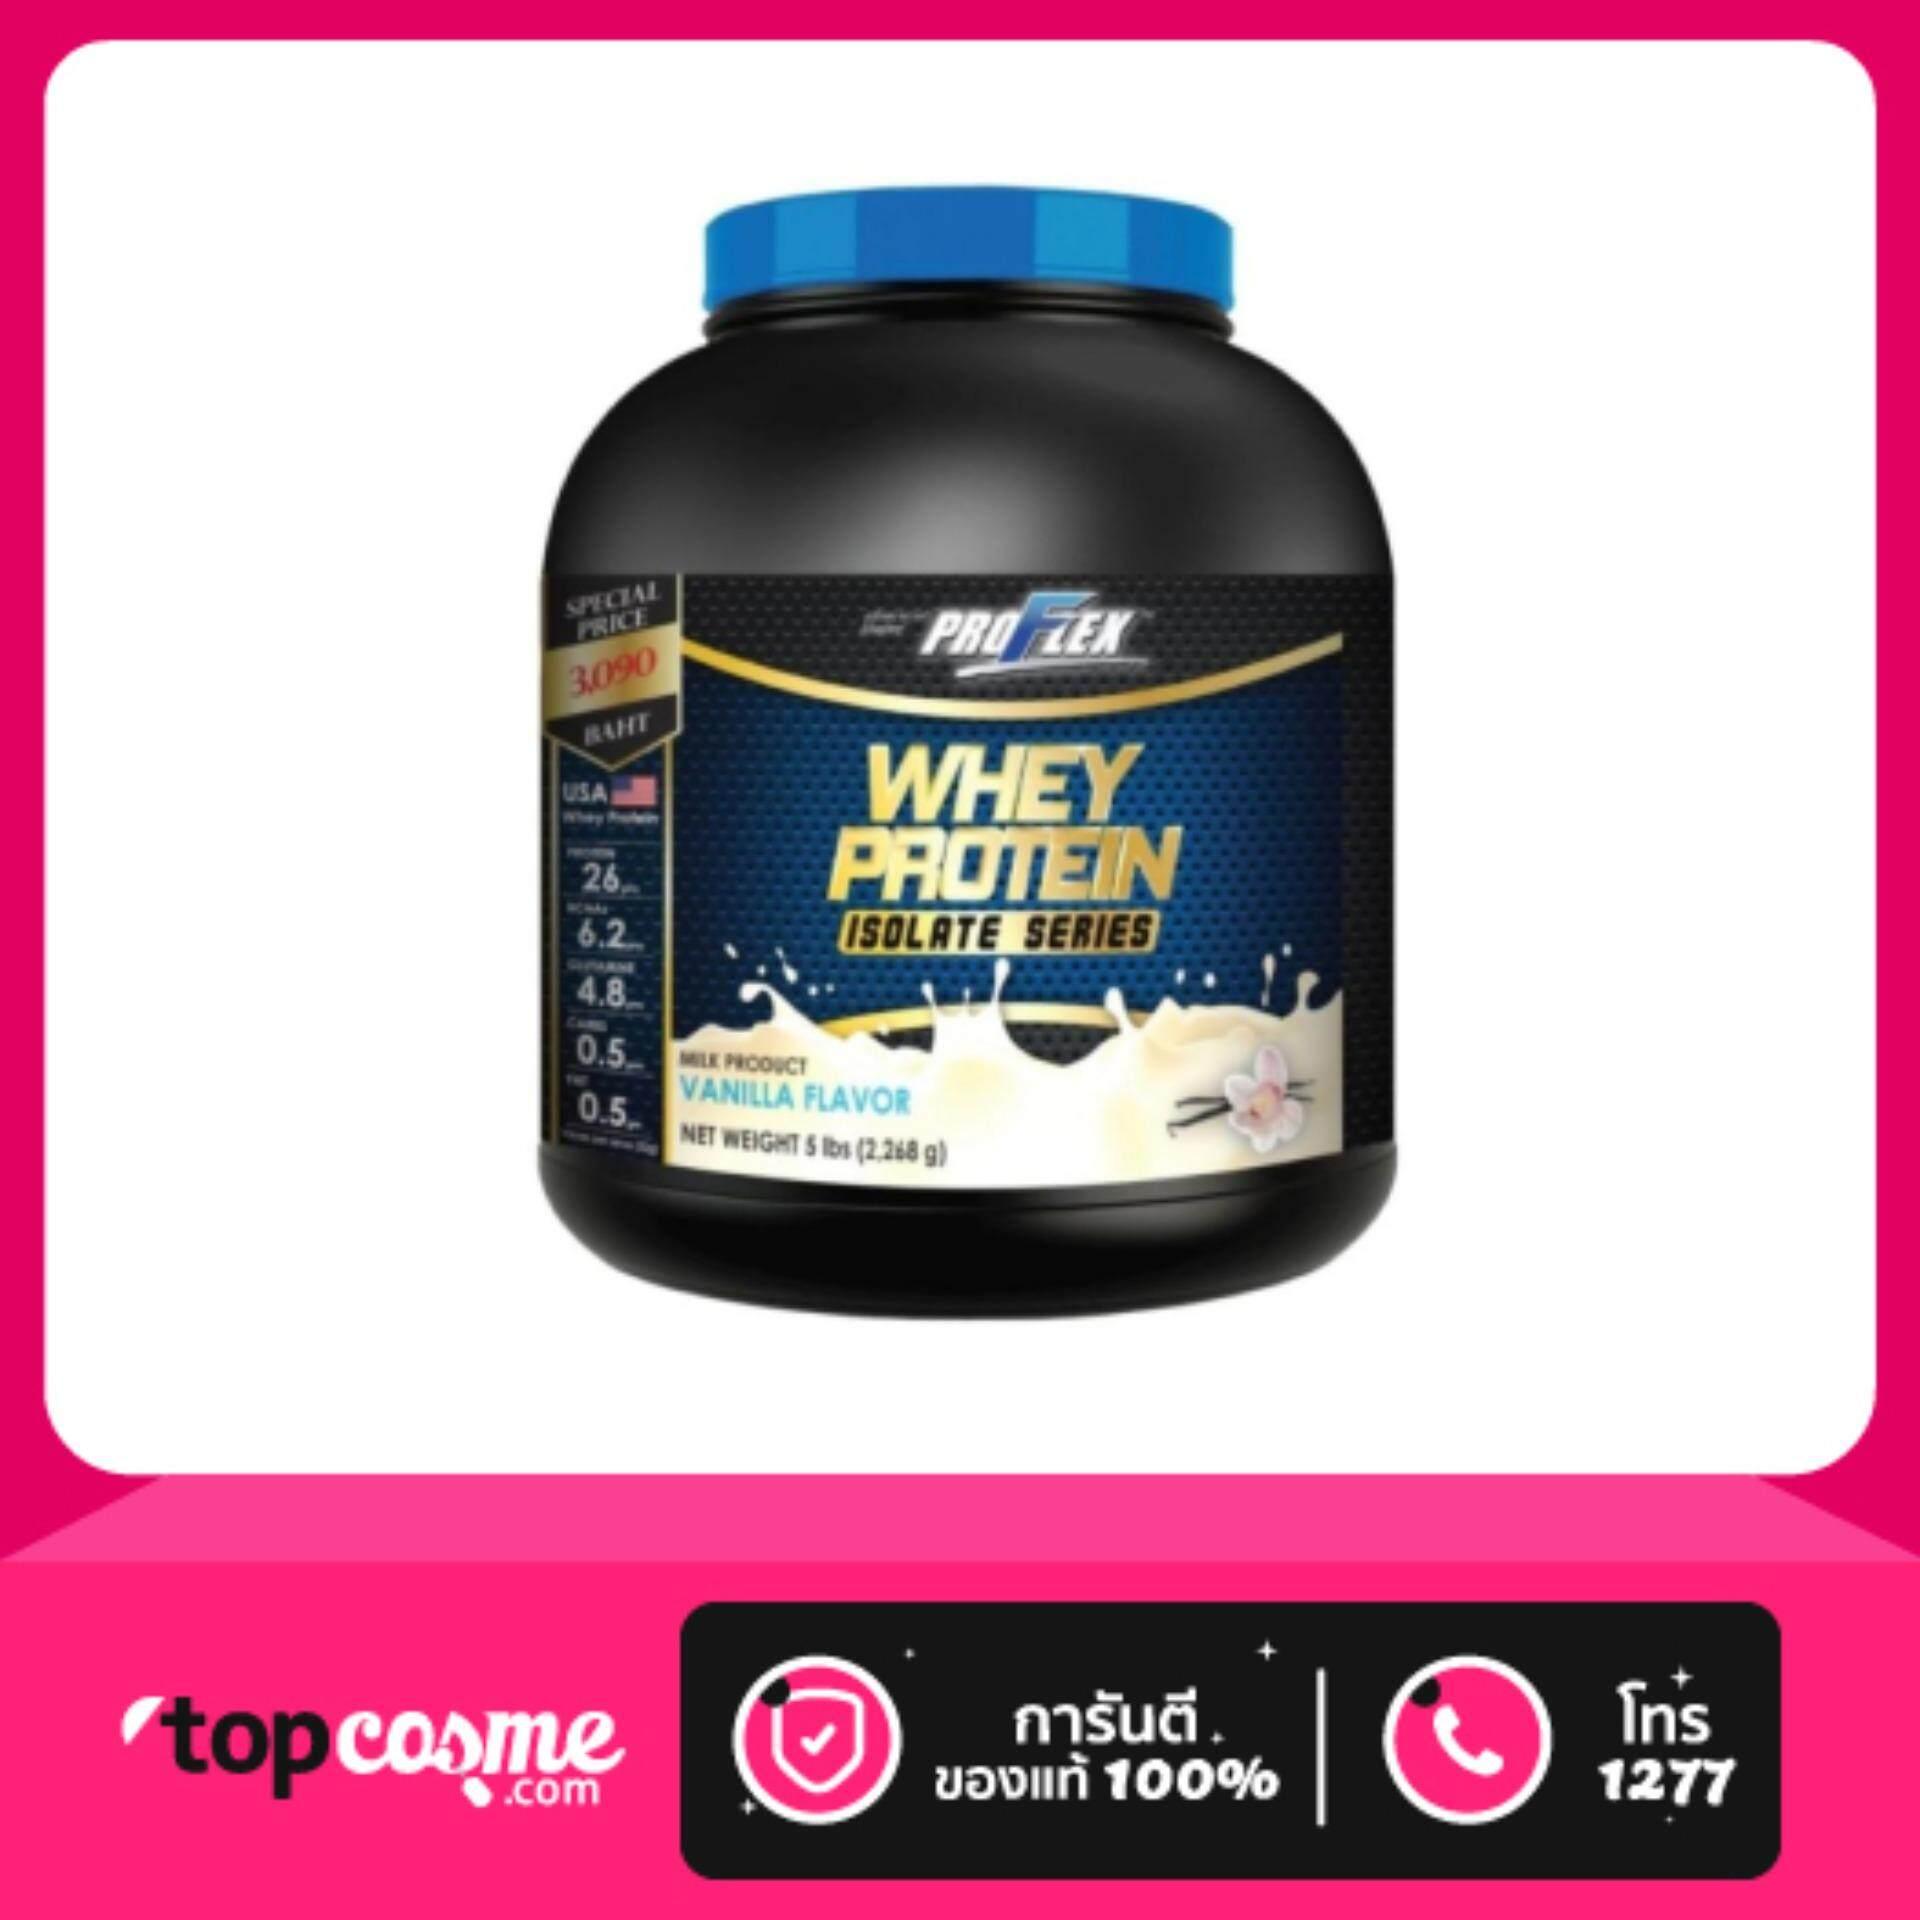 โปรเฟล็กซ์ เวย์โปรตีน ไอโซเลท วานิลลา ProFlex Whey Protein Isolate Vanilla 5 lbs